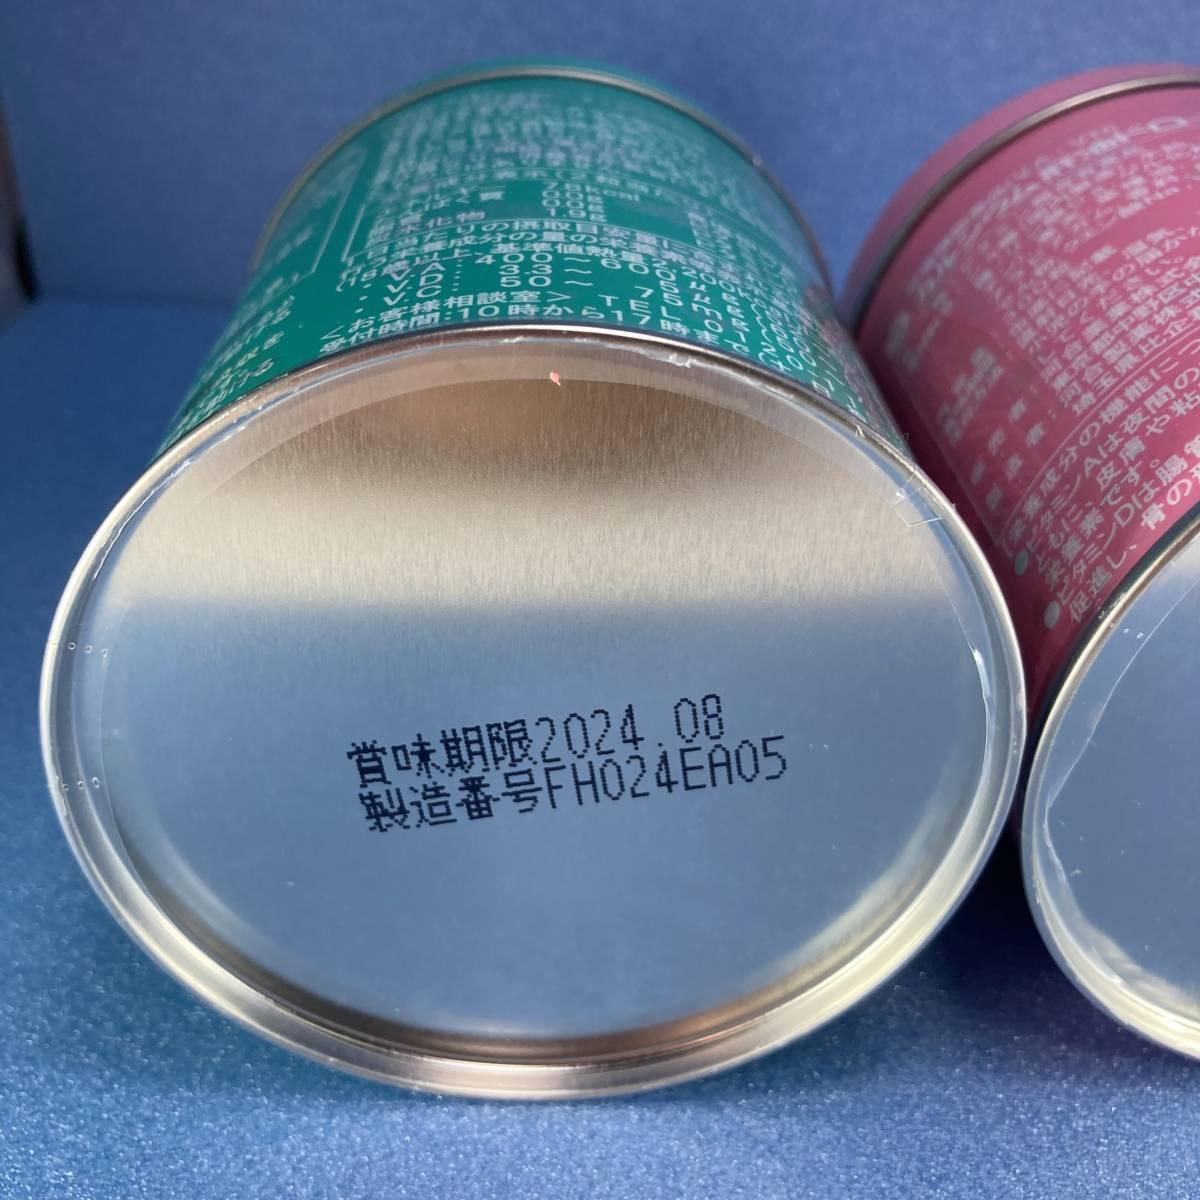 【新品 未開封】カワイ ビタミンC肝油ドロップ| カルシウム肝油ドロップ 2缶セット 栄養機能食品 子供 サプリメント_画像2